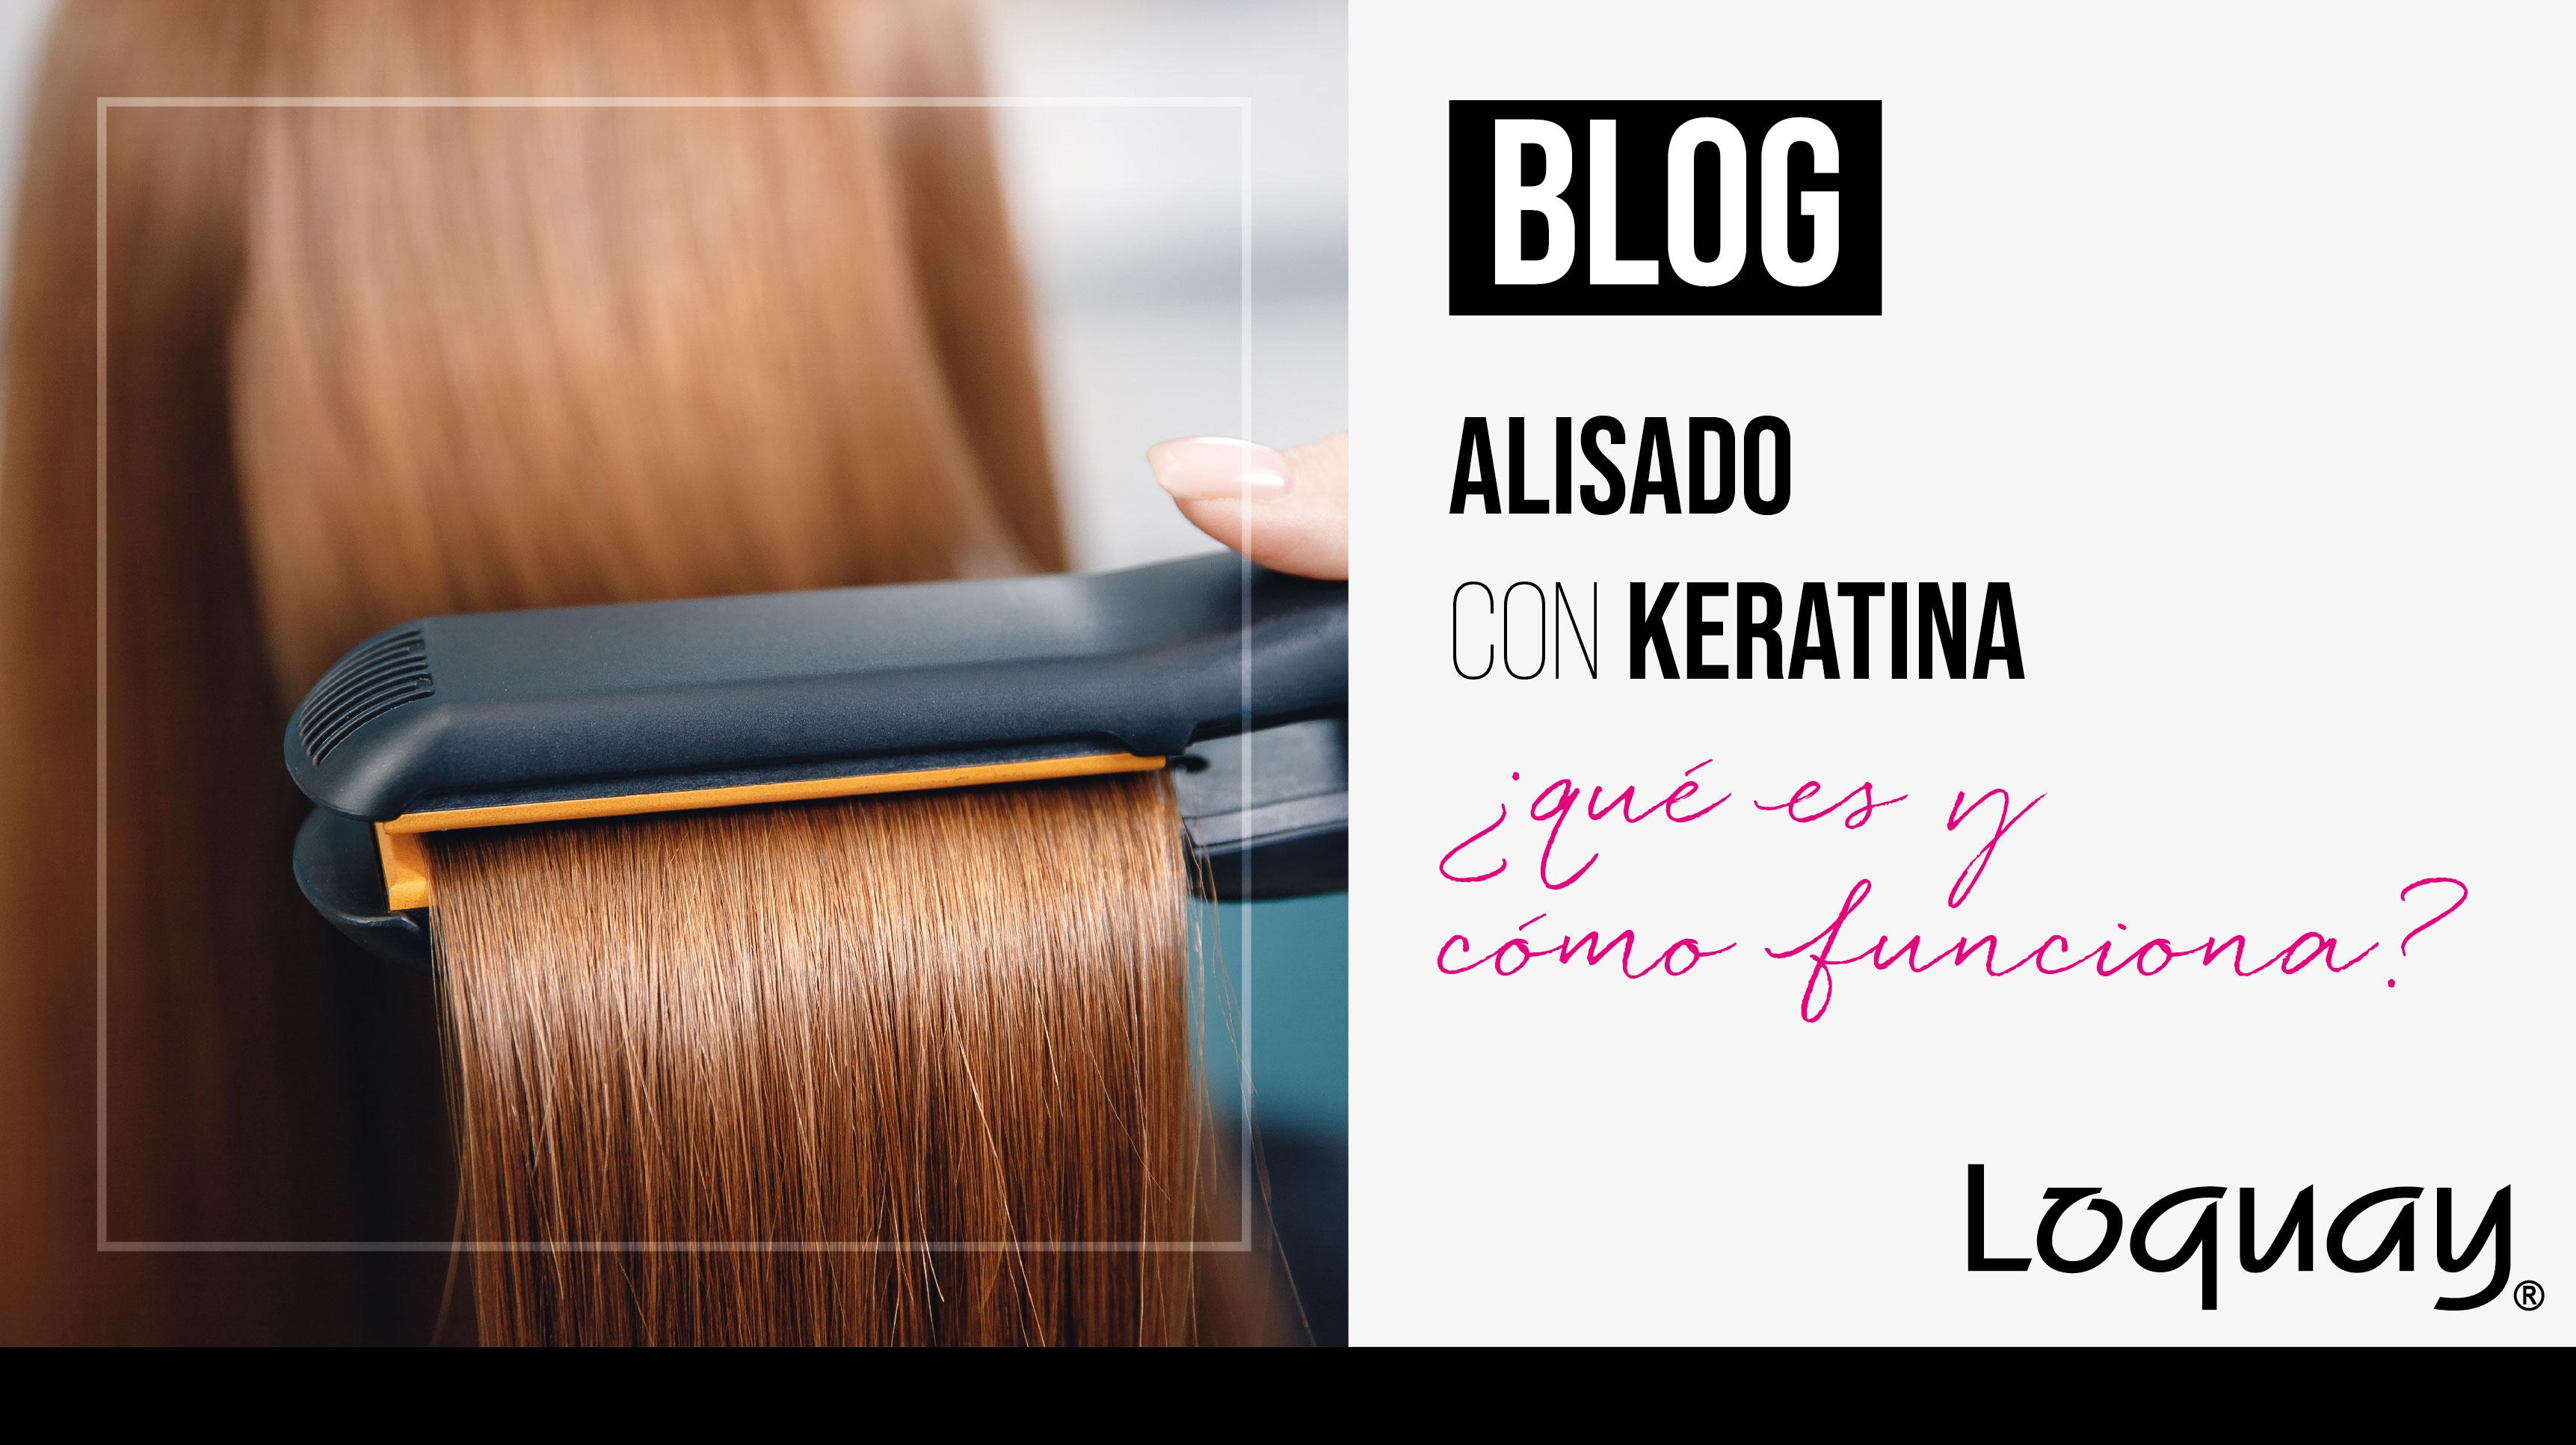 Alisado con keratina-03